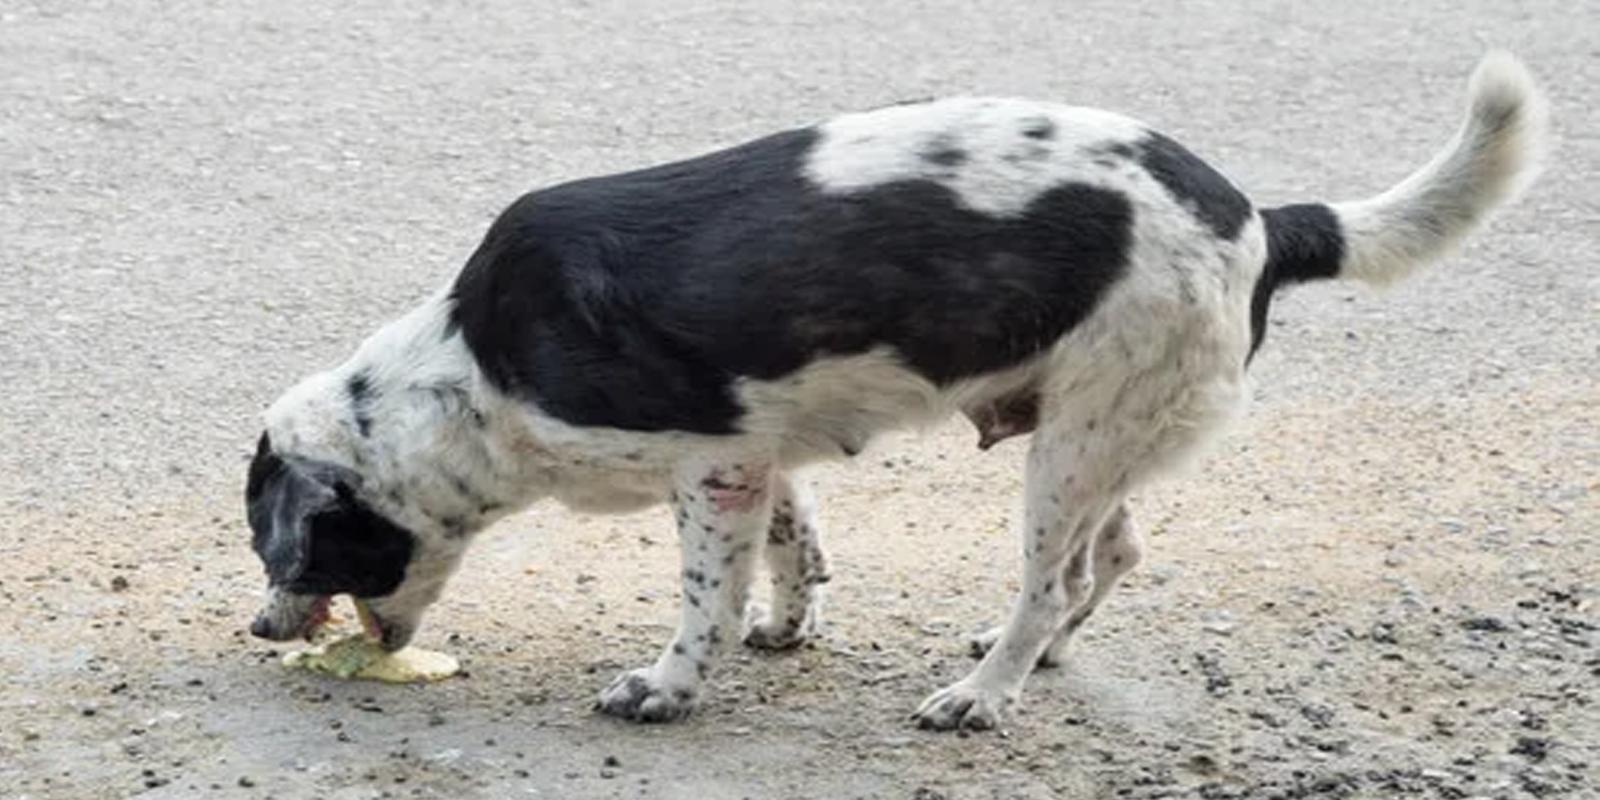 Mi perro vomita espuma amarilla. ¿Qué puedo hacer?